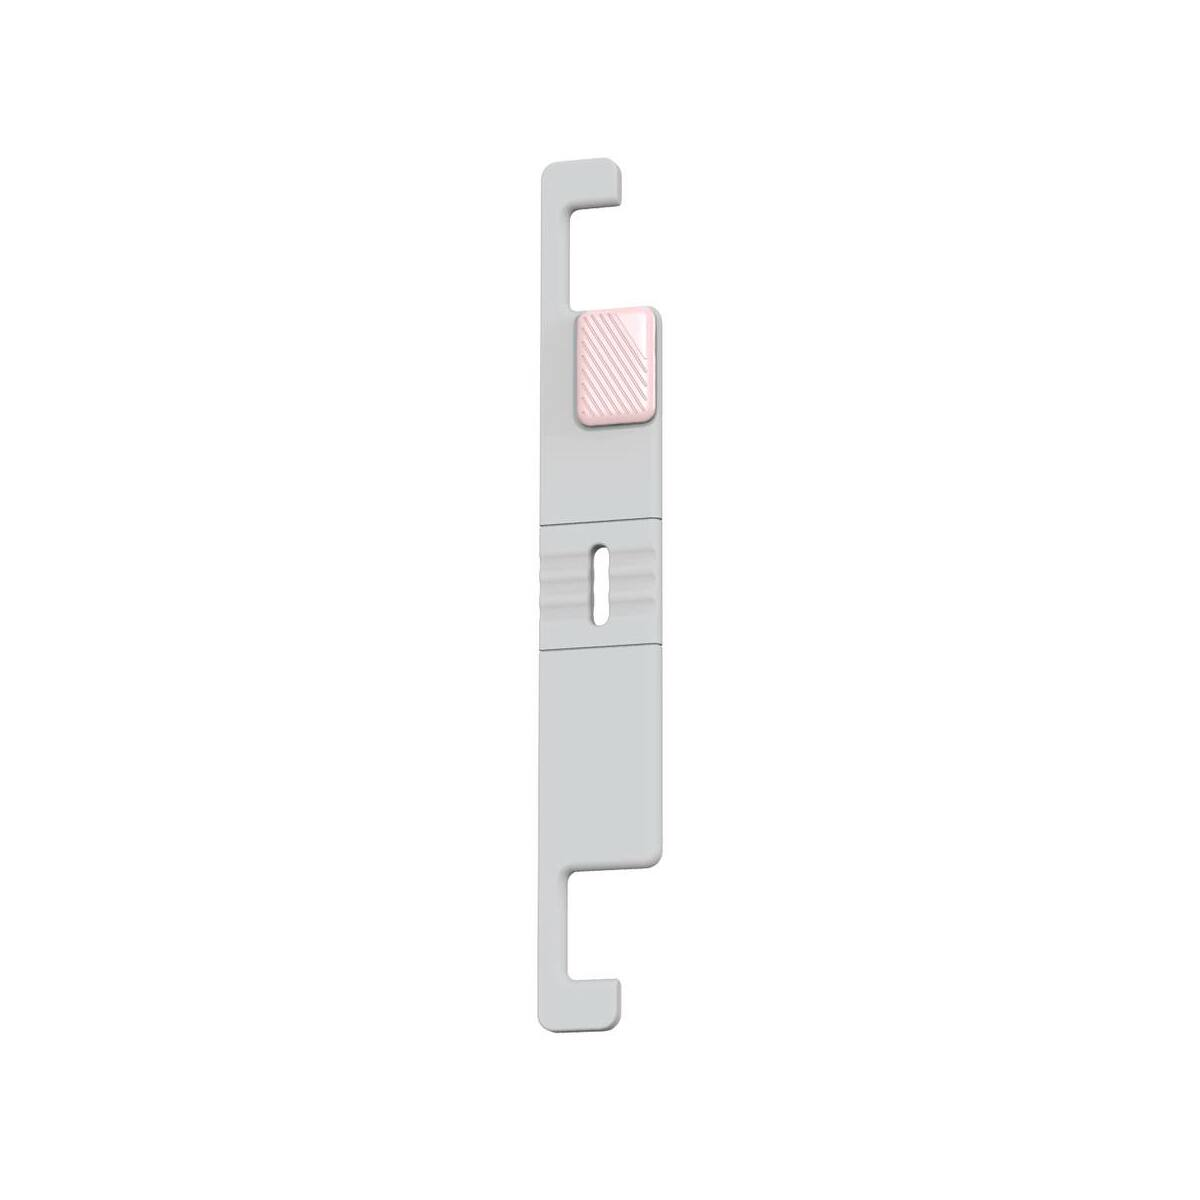 Baseus Univerzális telefon tartó, Lets go mini, hordozható, állítható betekintési szög, fehér/rózsaszín (SUPM-24)